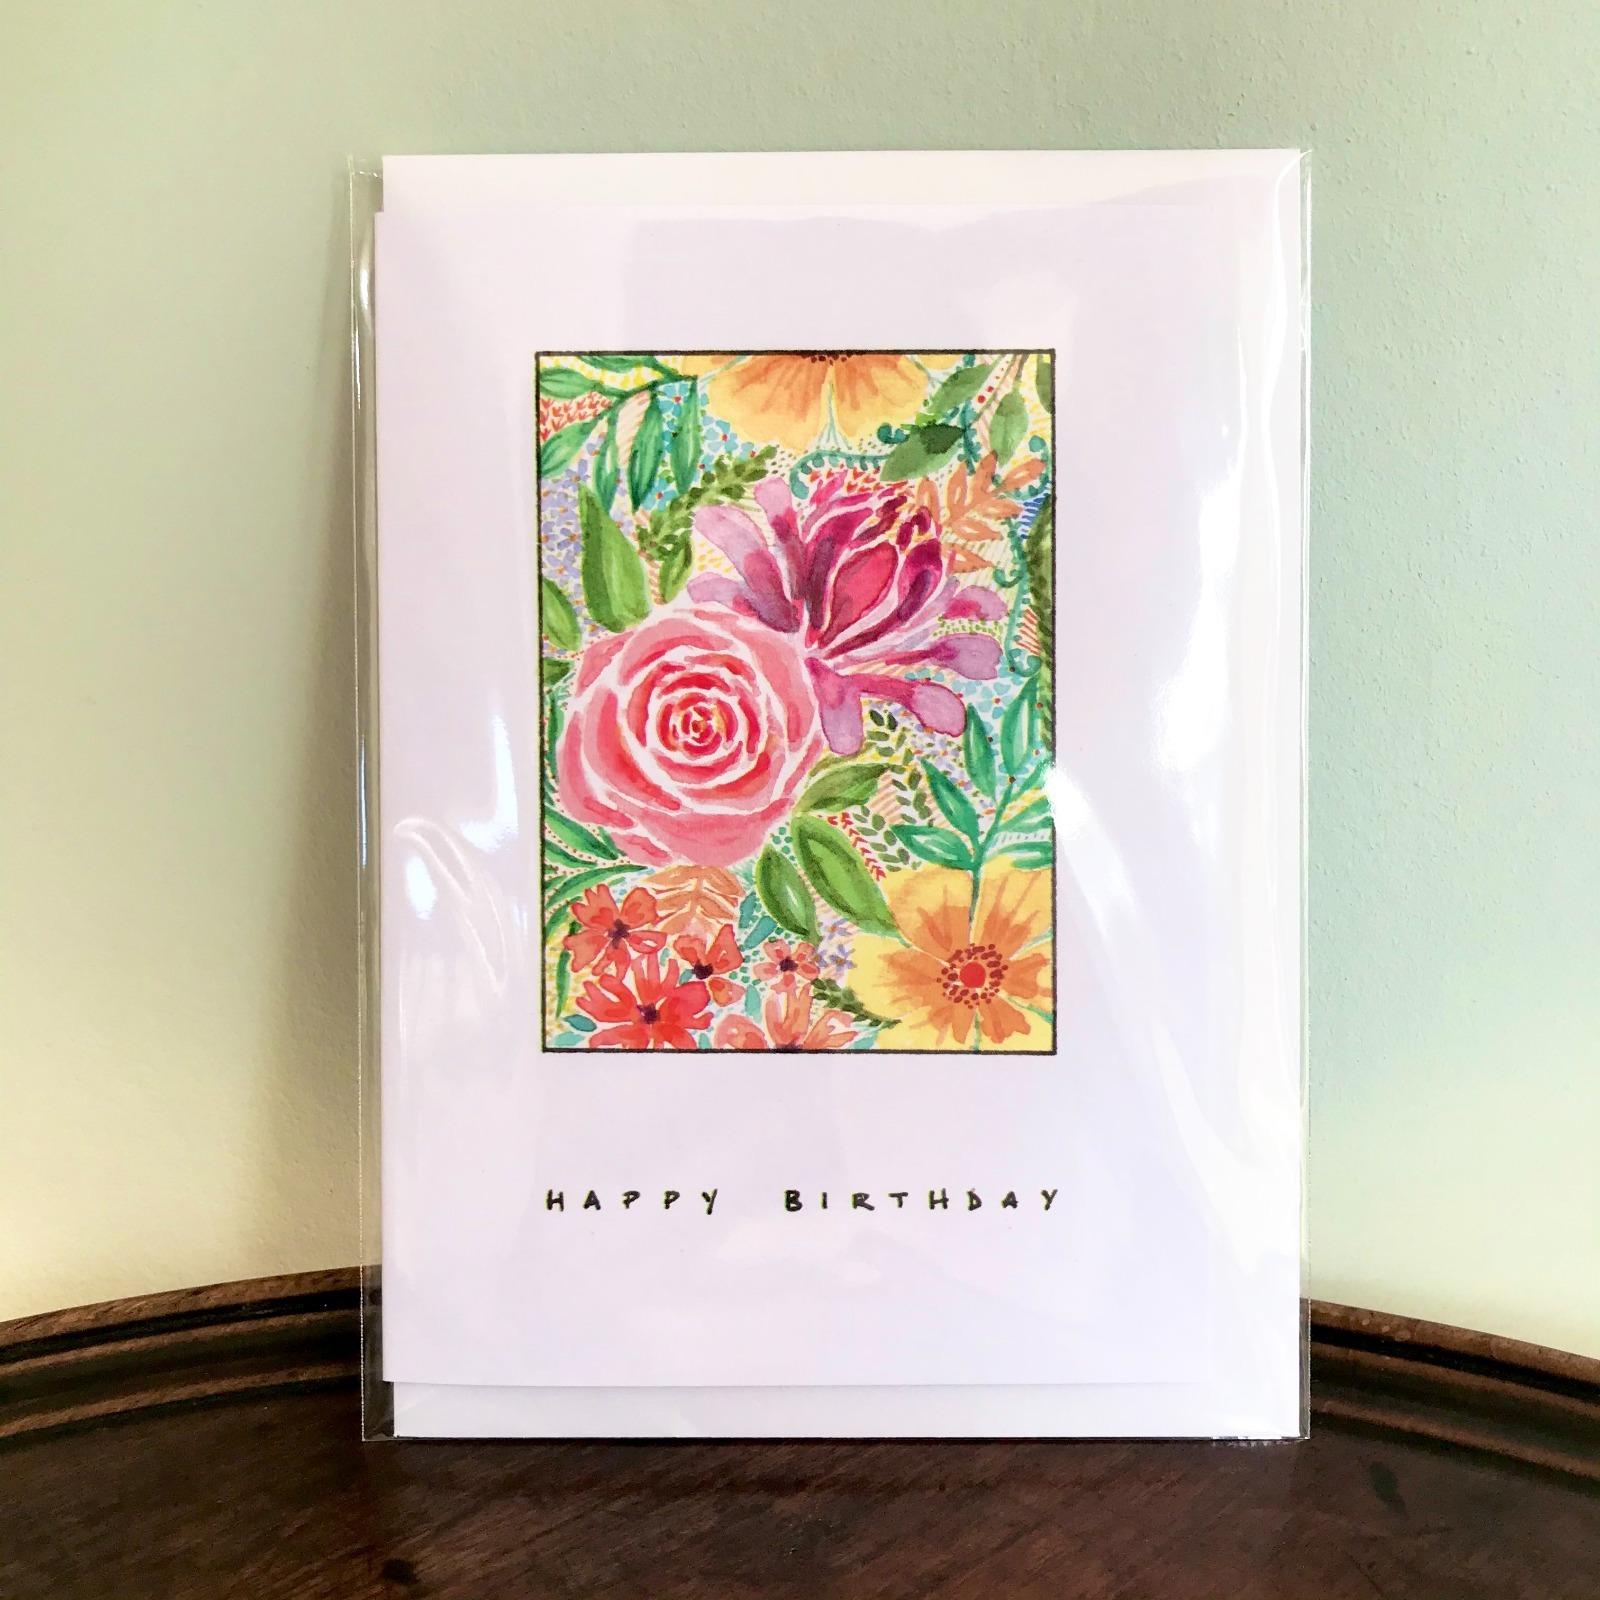 'Birthday Flowers' Greetings Card